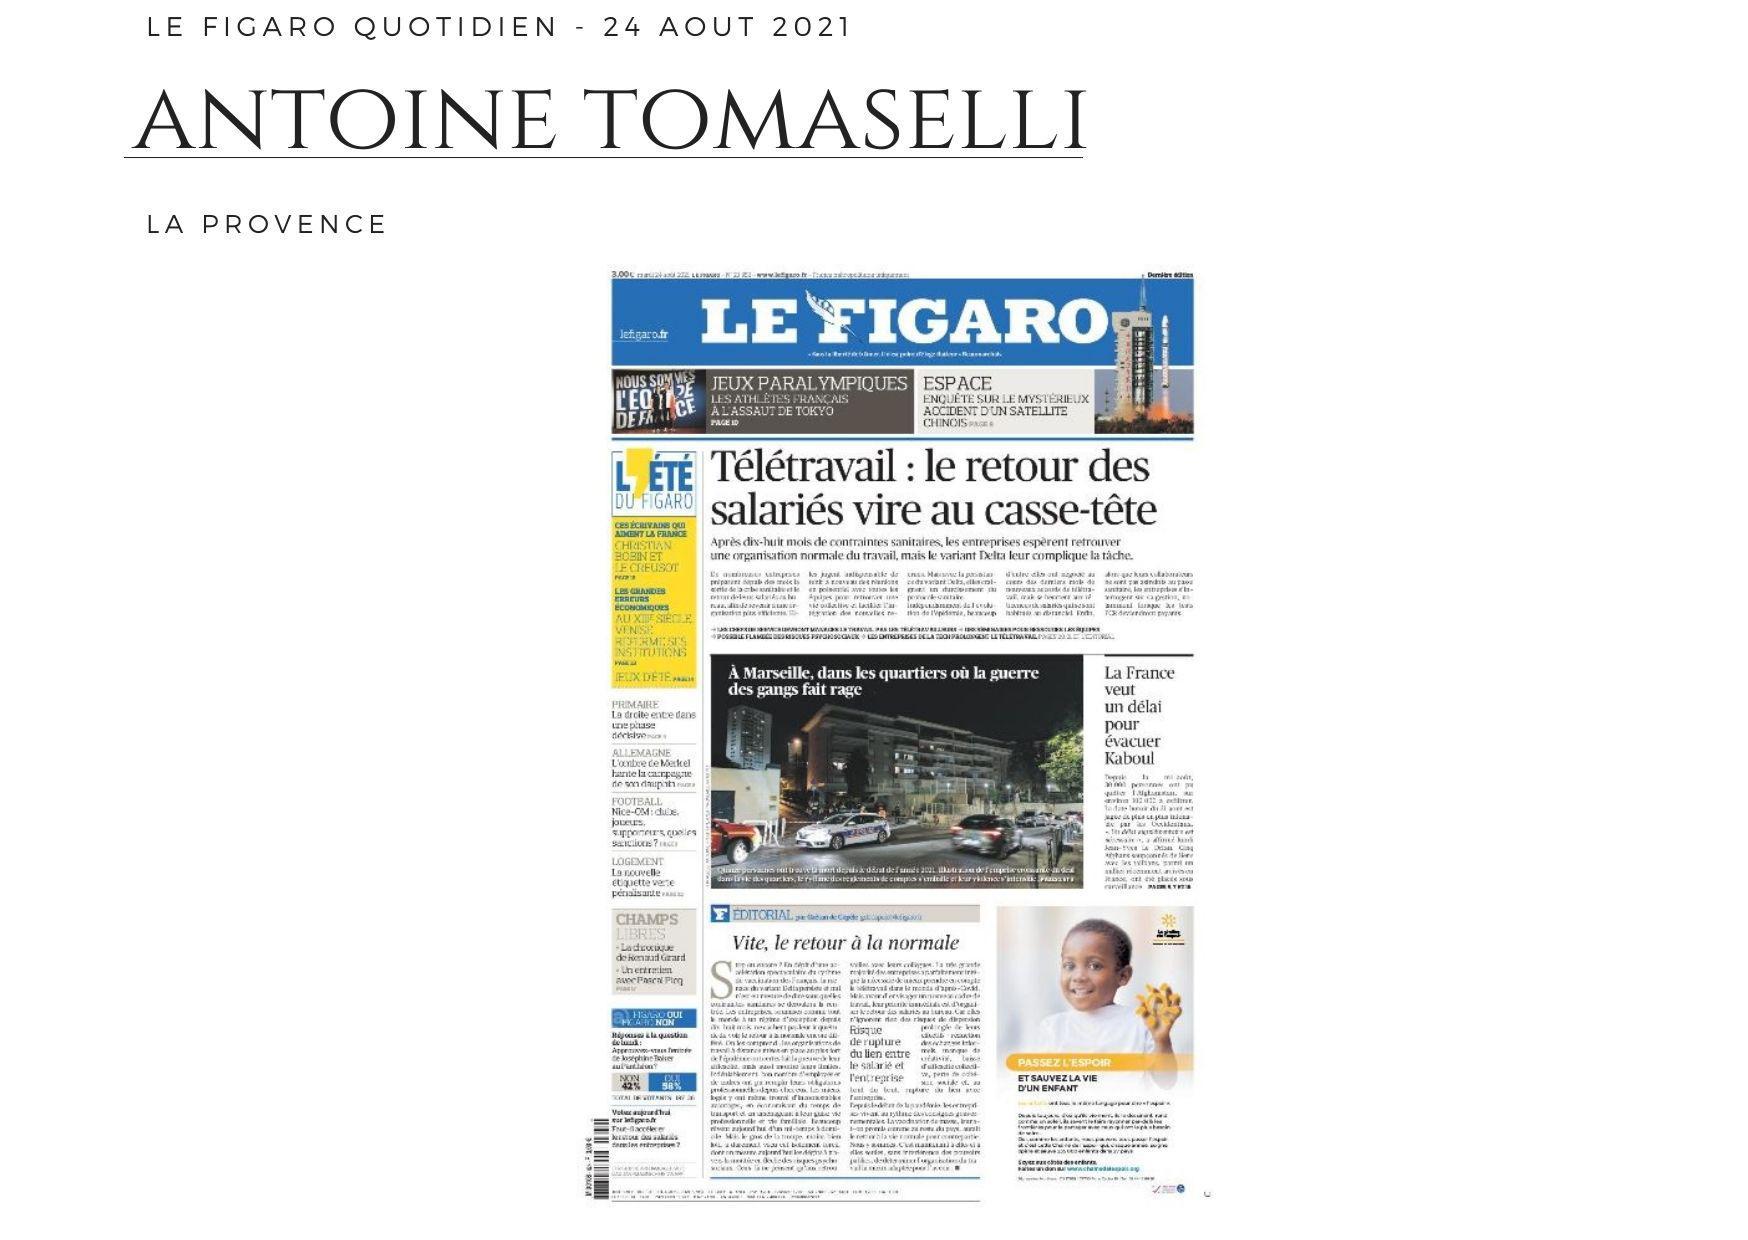 Figaro Quotidien - 24 août 2021